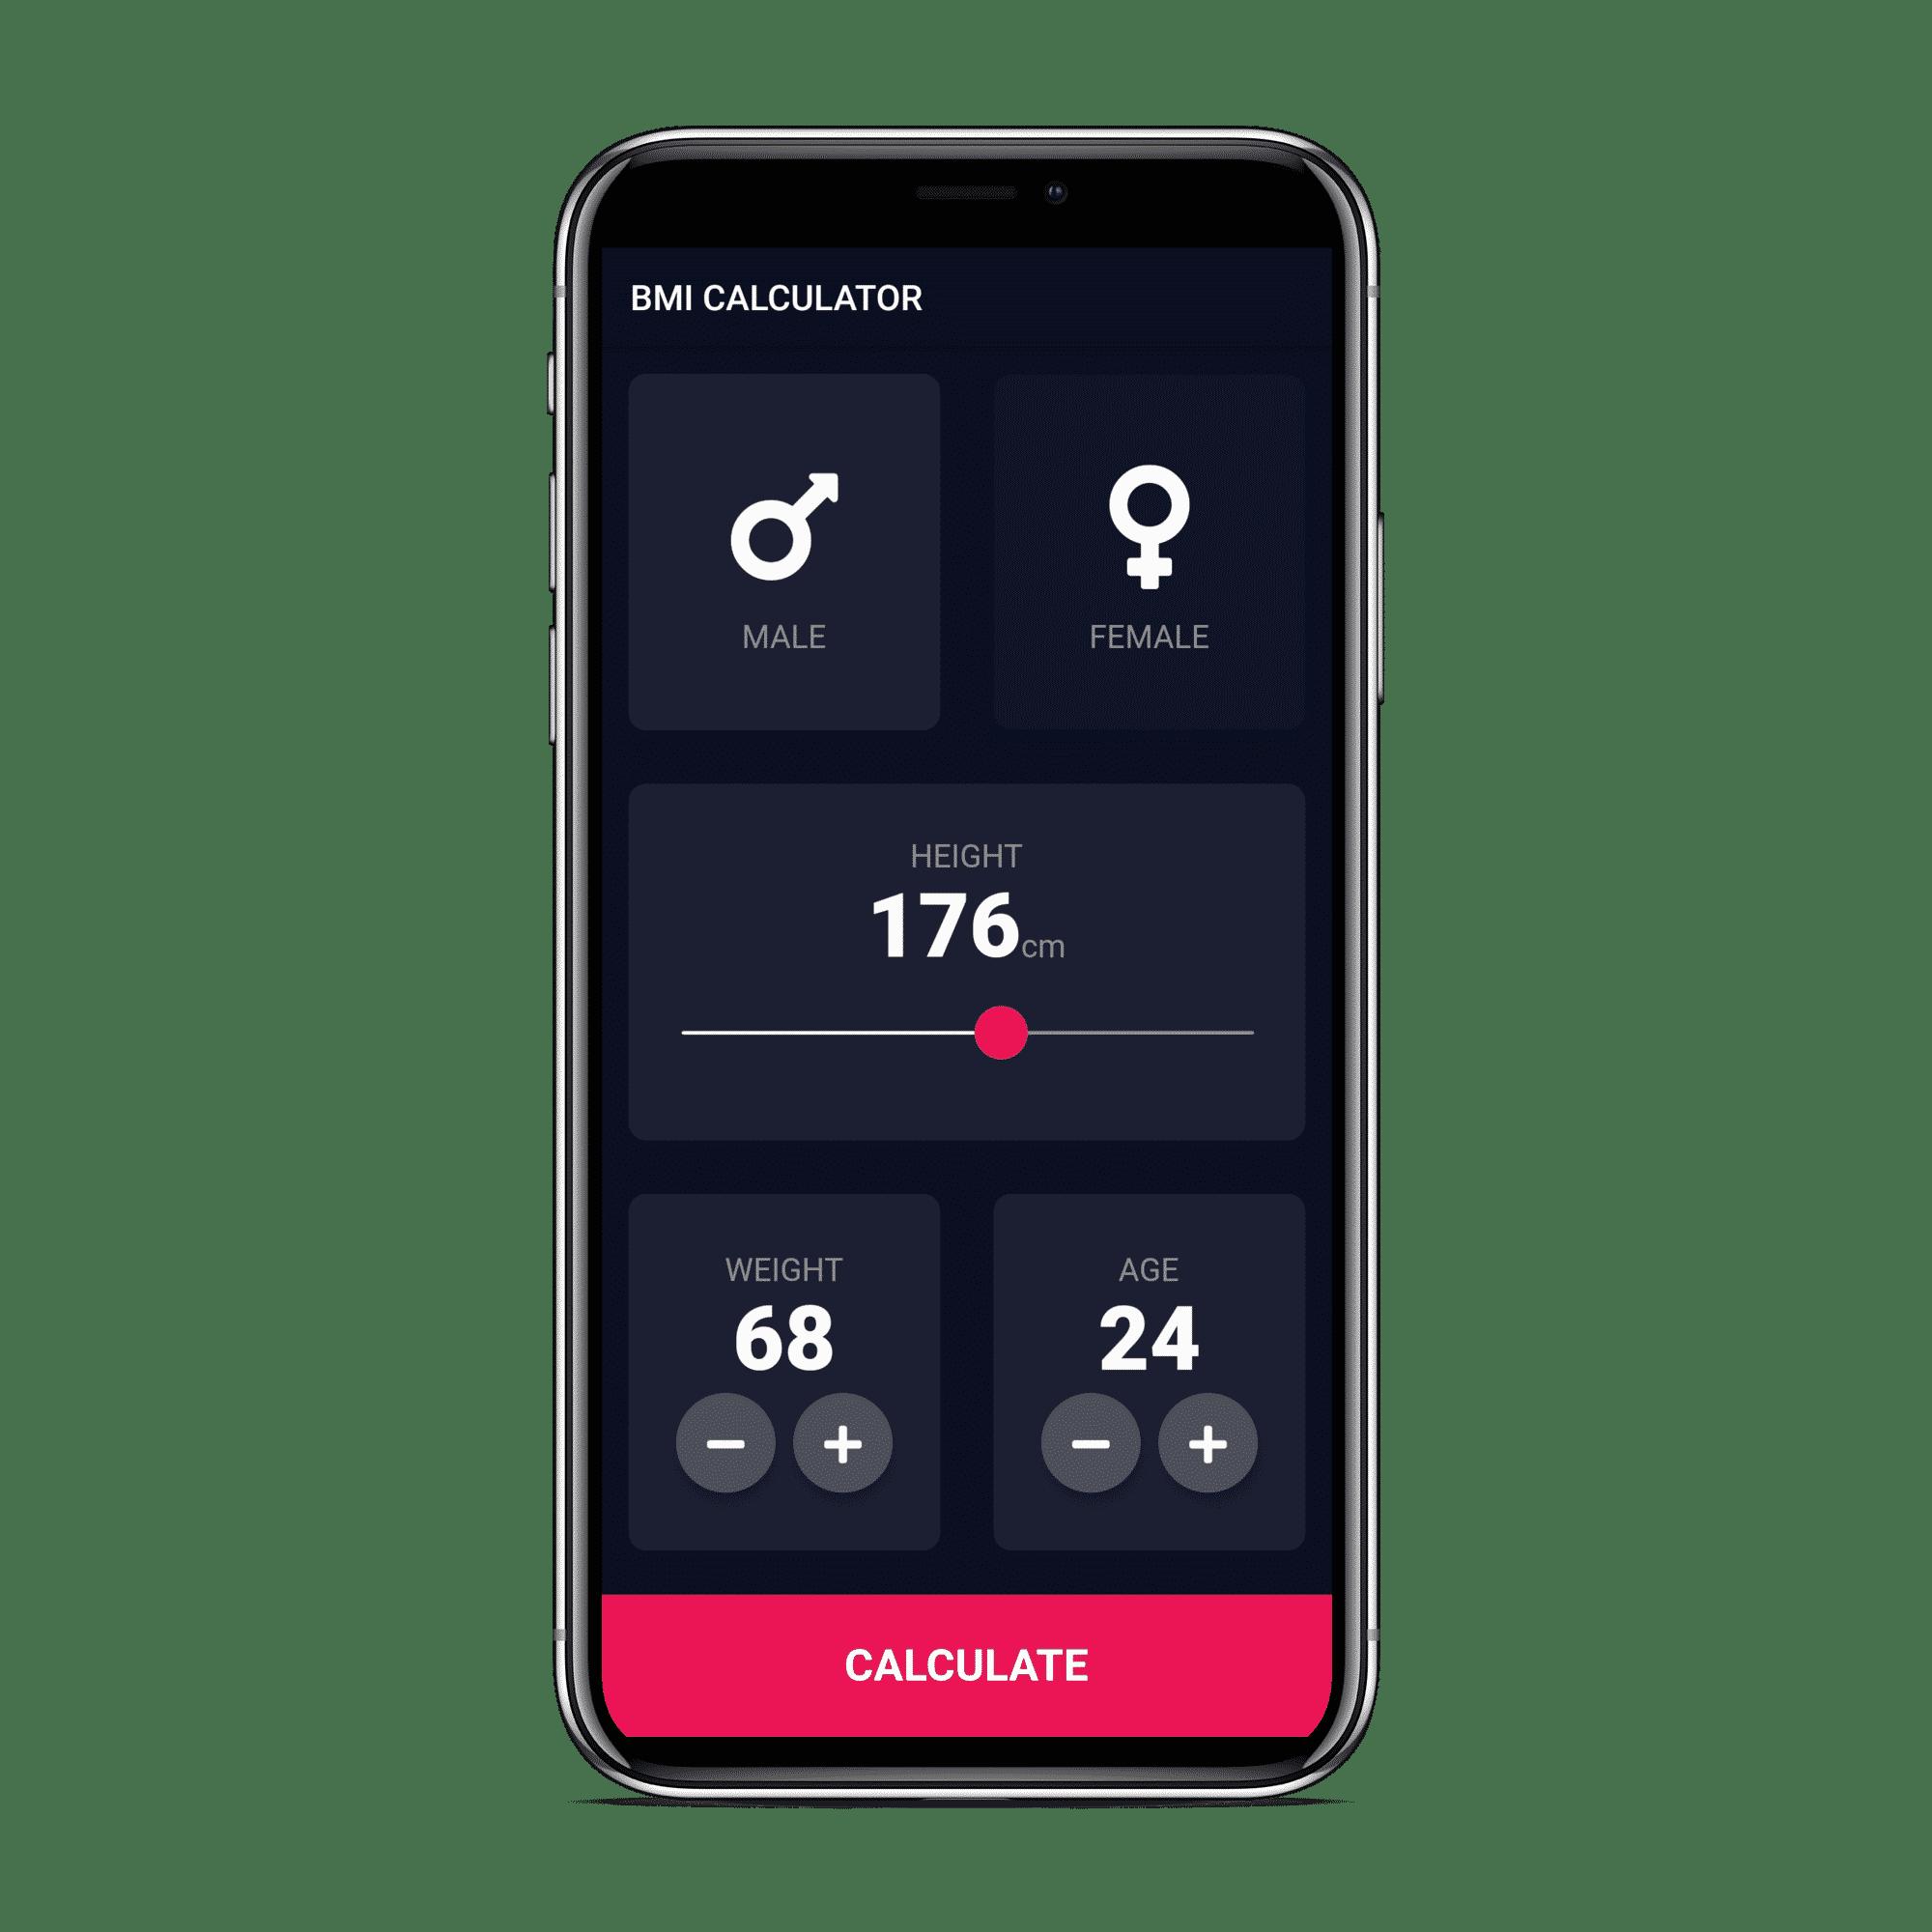 Accueil de l'application développée BMI Calculator